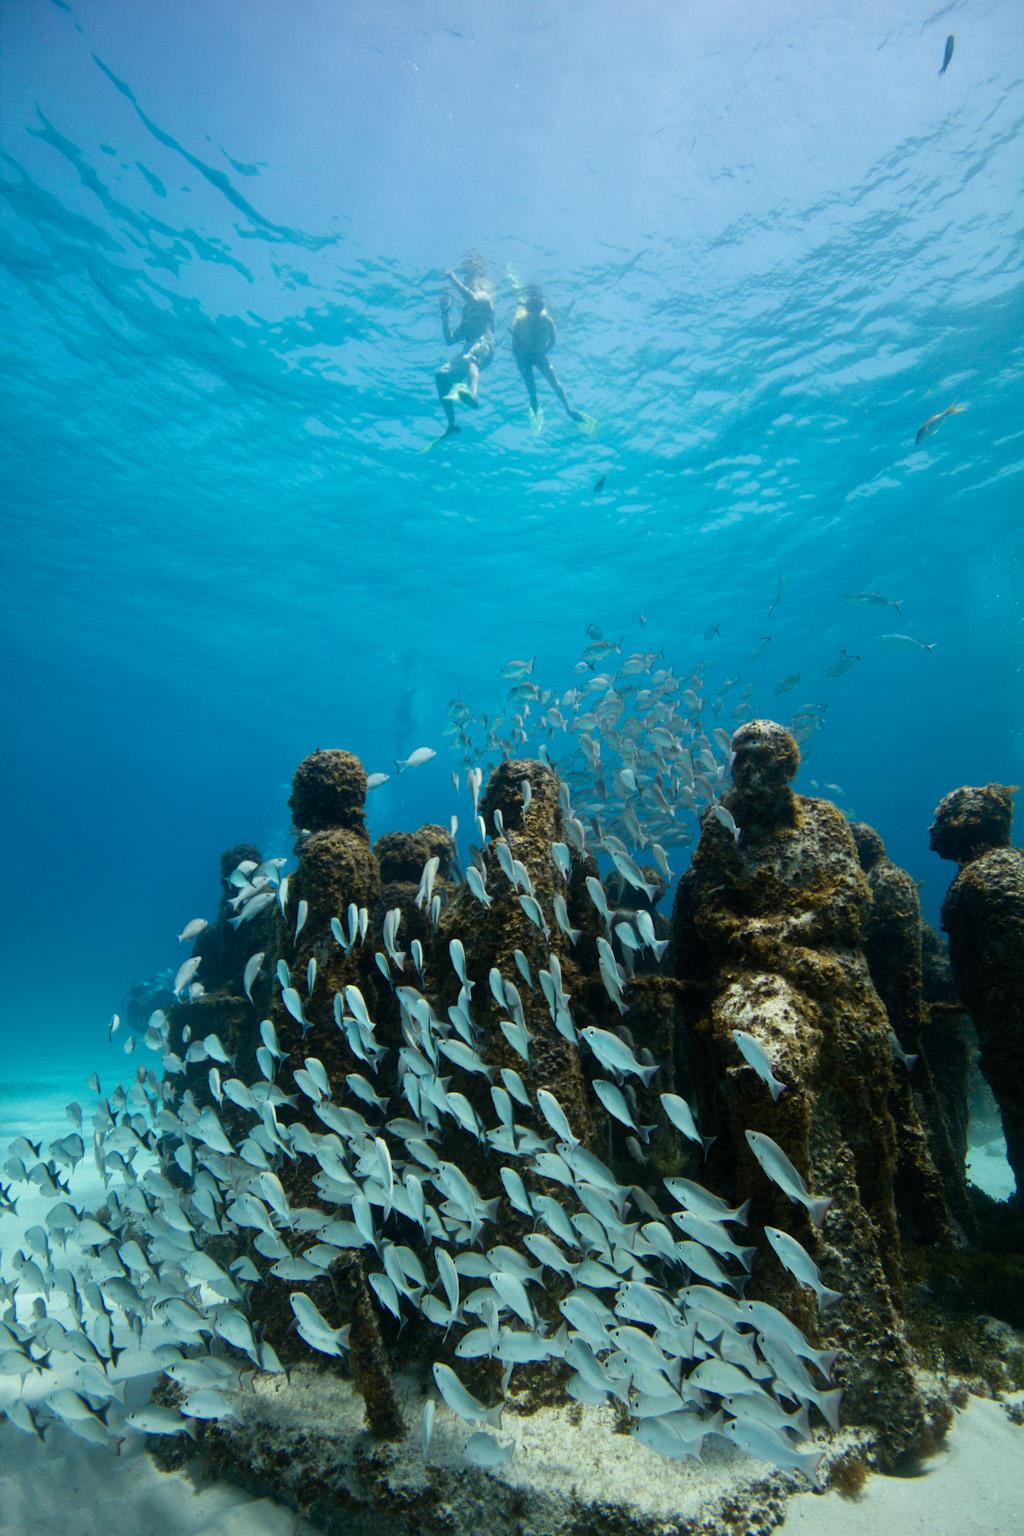 Underwater-Sculptures-by-Jason-de-Caires-Taylor-4